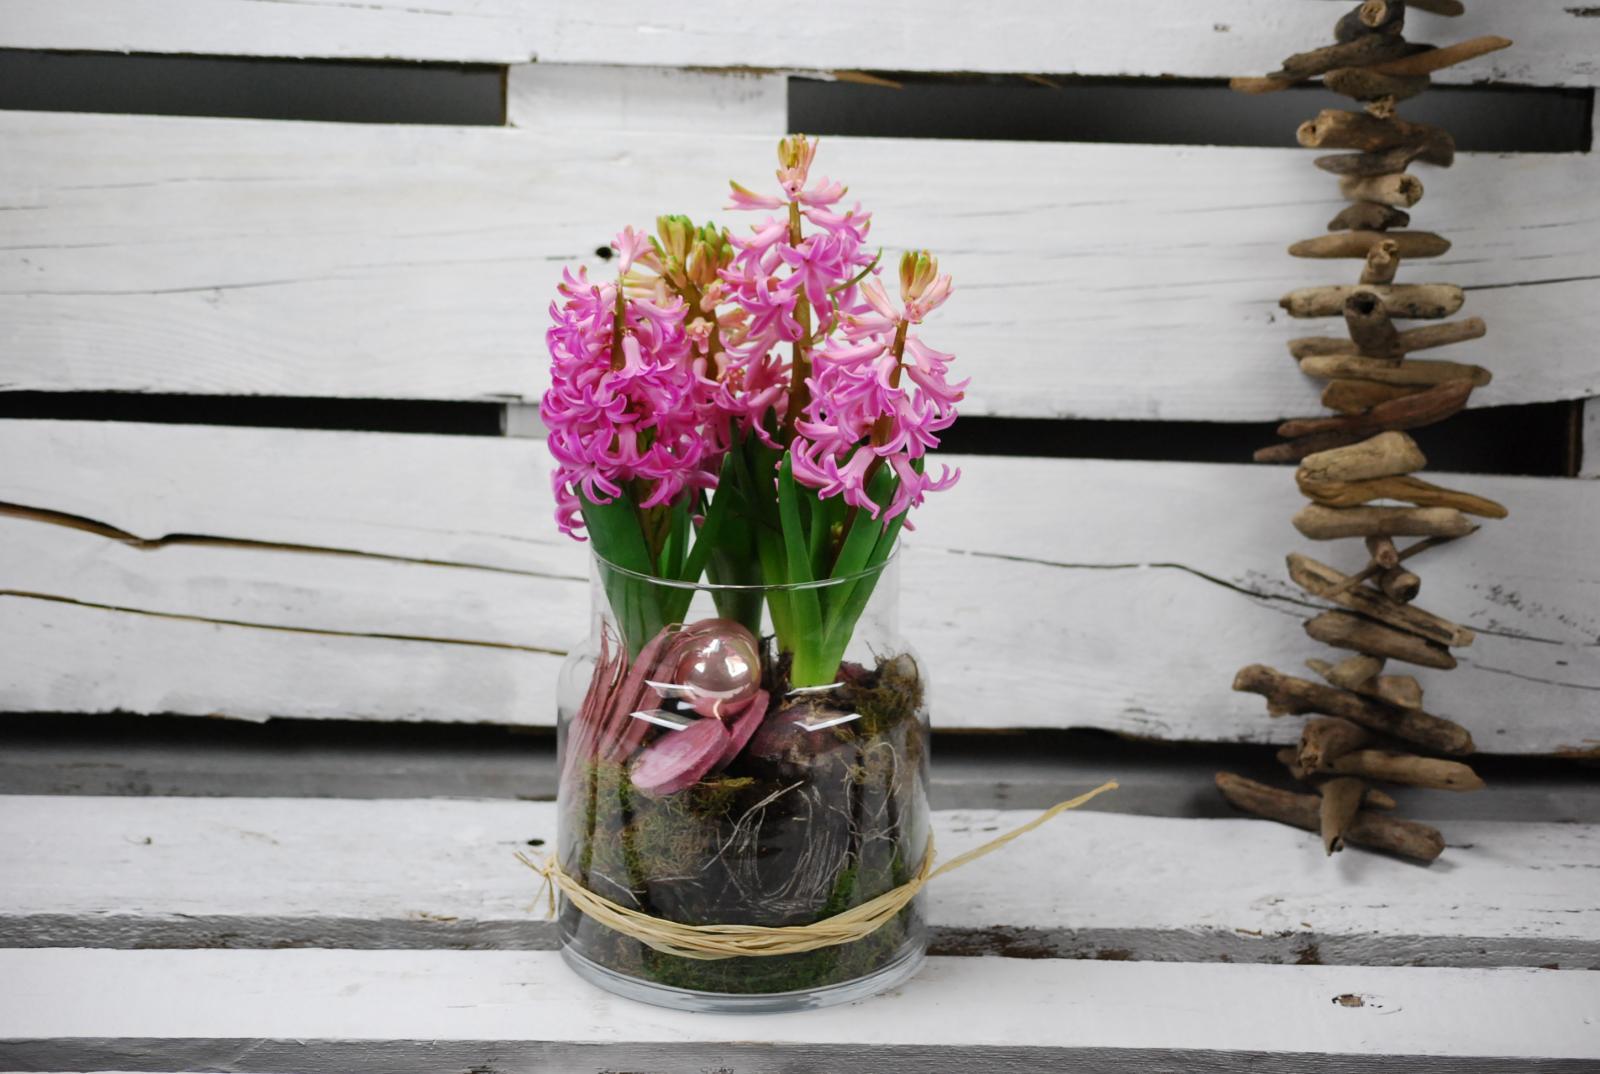 Composición de flor temporada en base de musgo